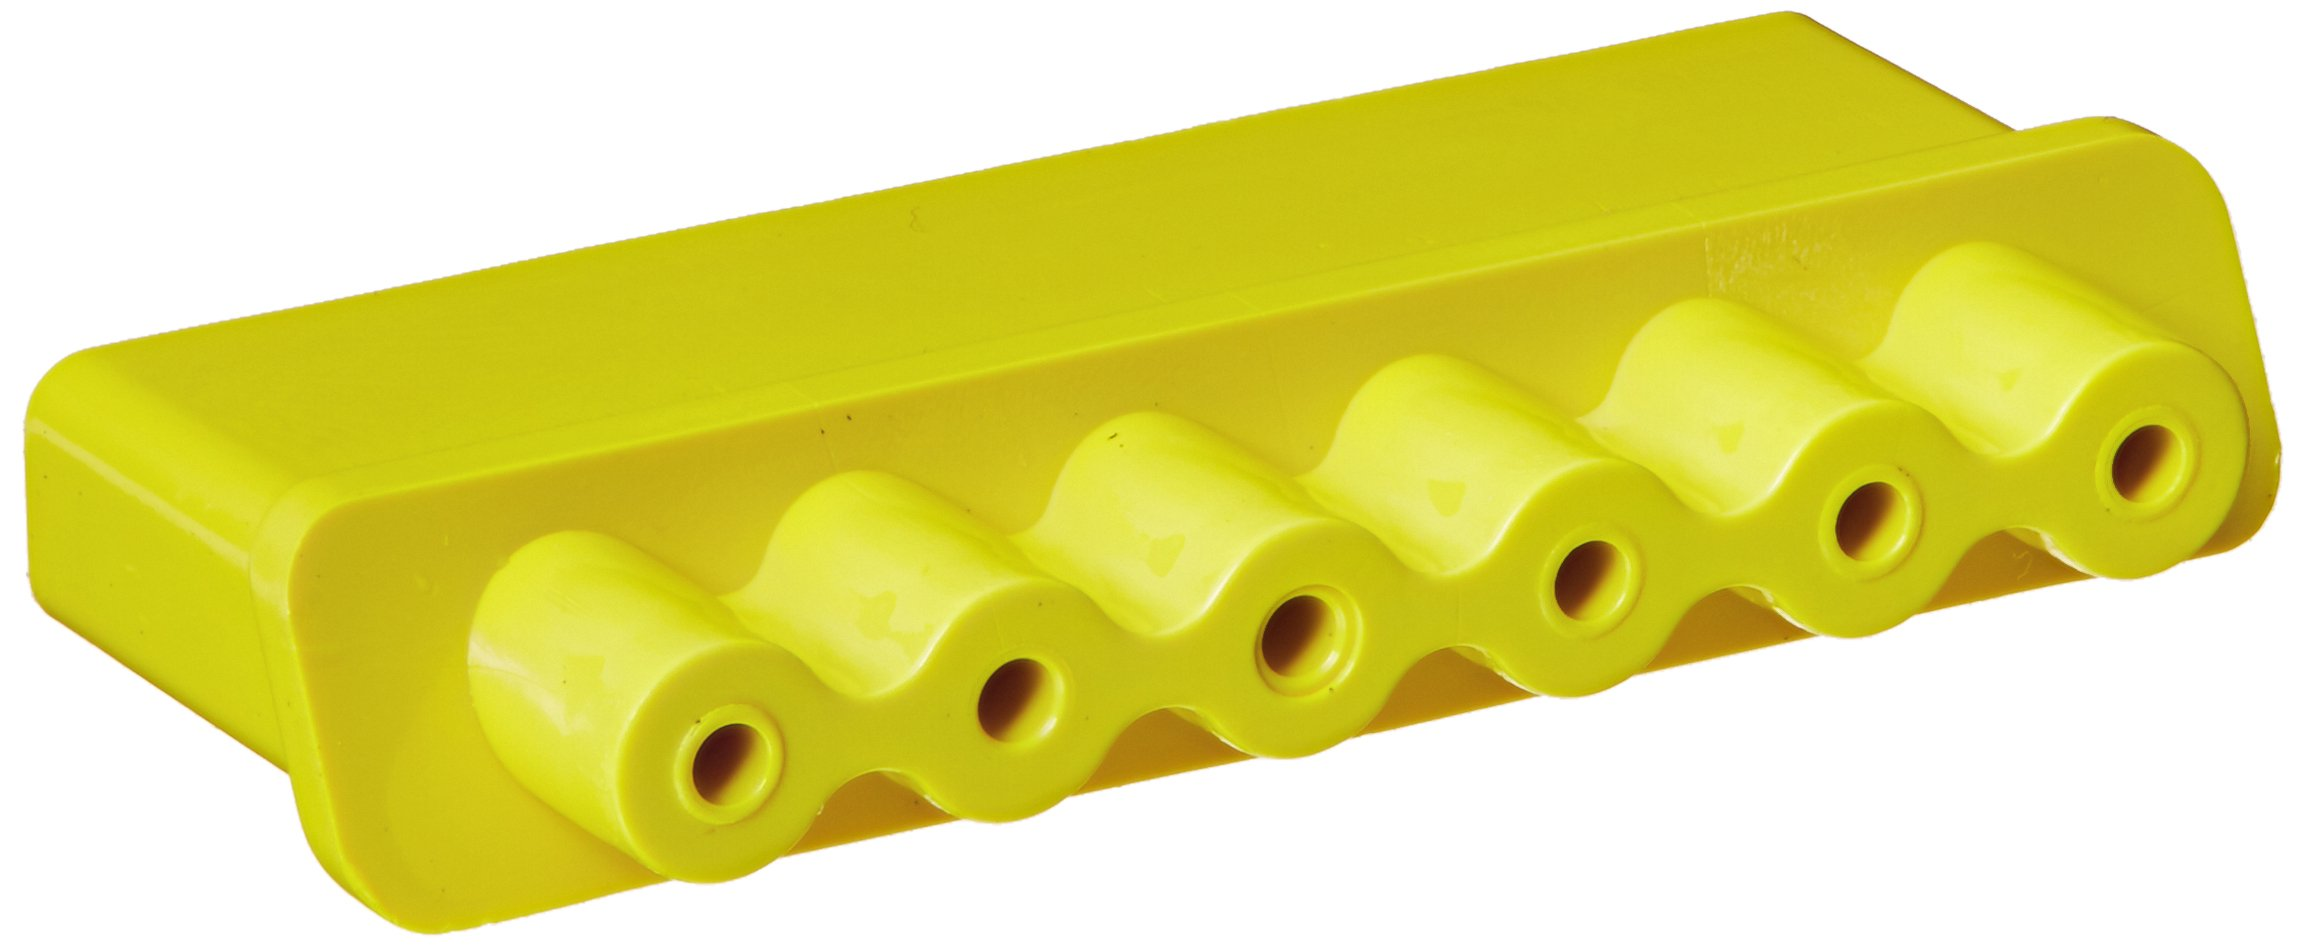 Maillefer 671484 Endo Instrument Organizer Insert, Yellow